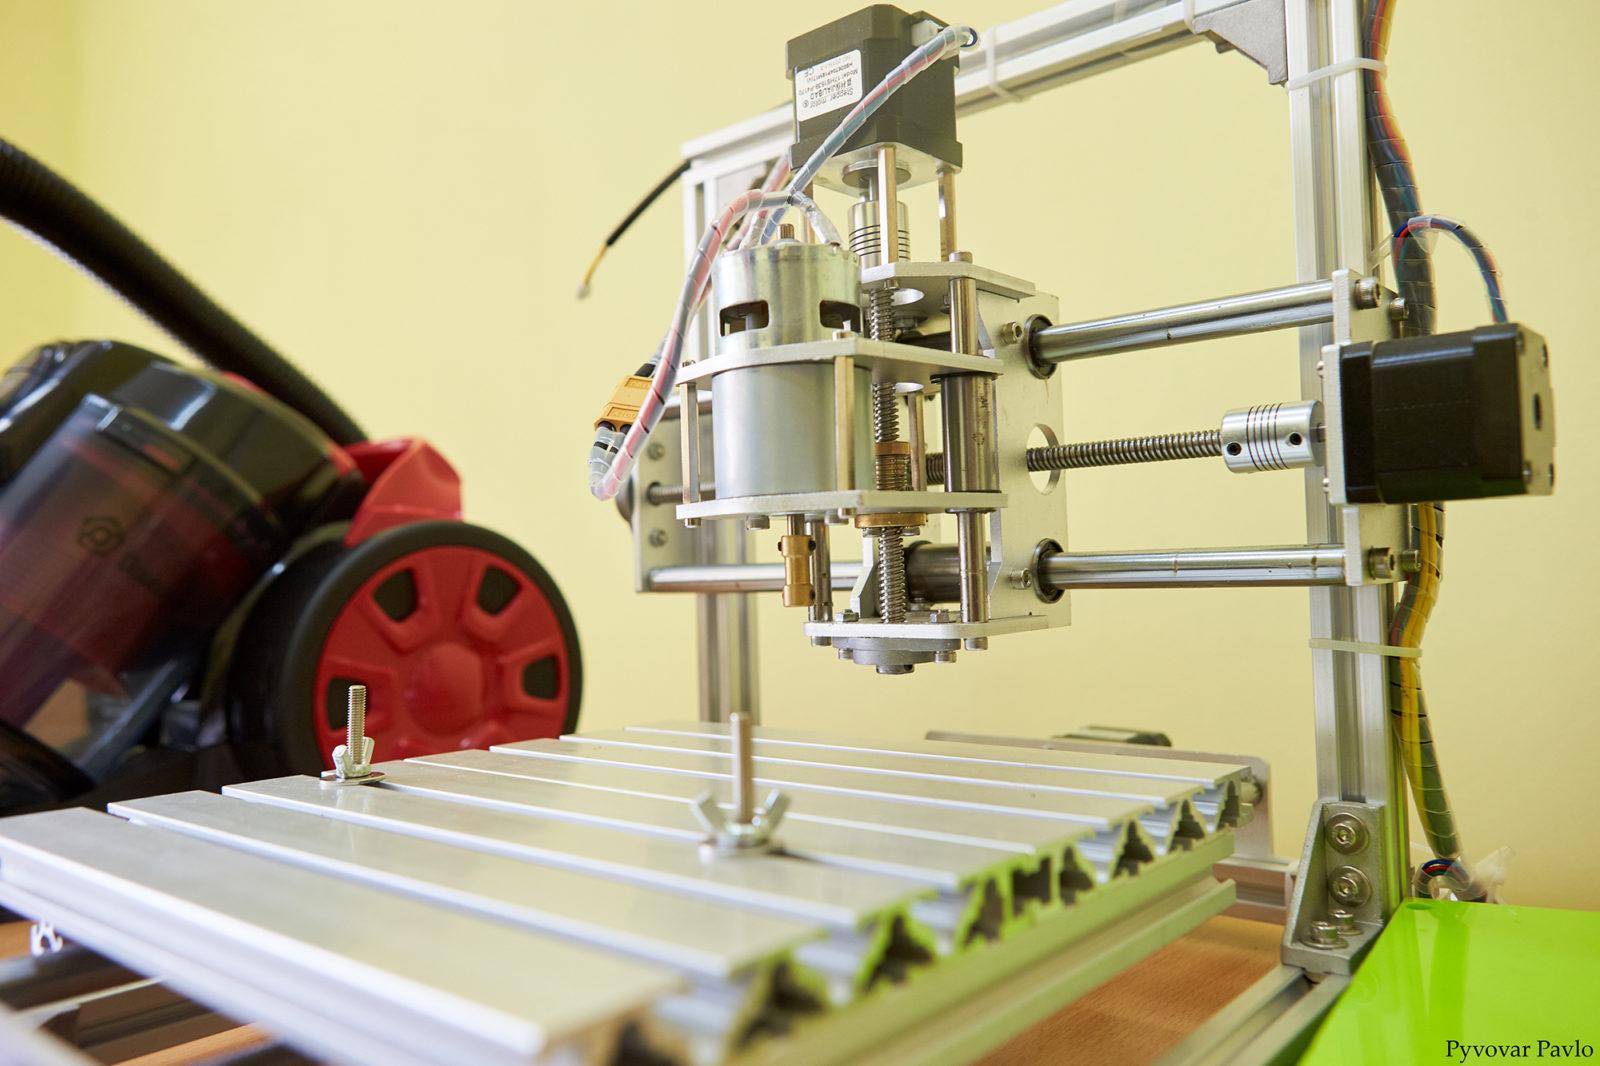 Дитяча 3D-лабораторія запрацювала в Івано-Франківську (ФОТО)